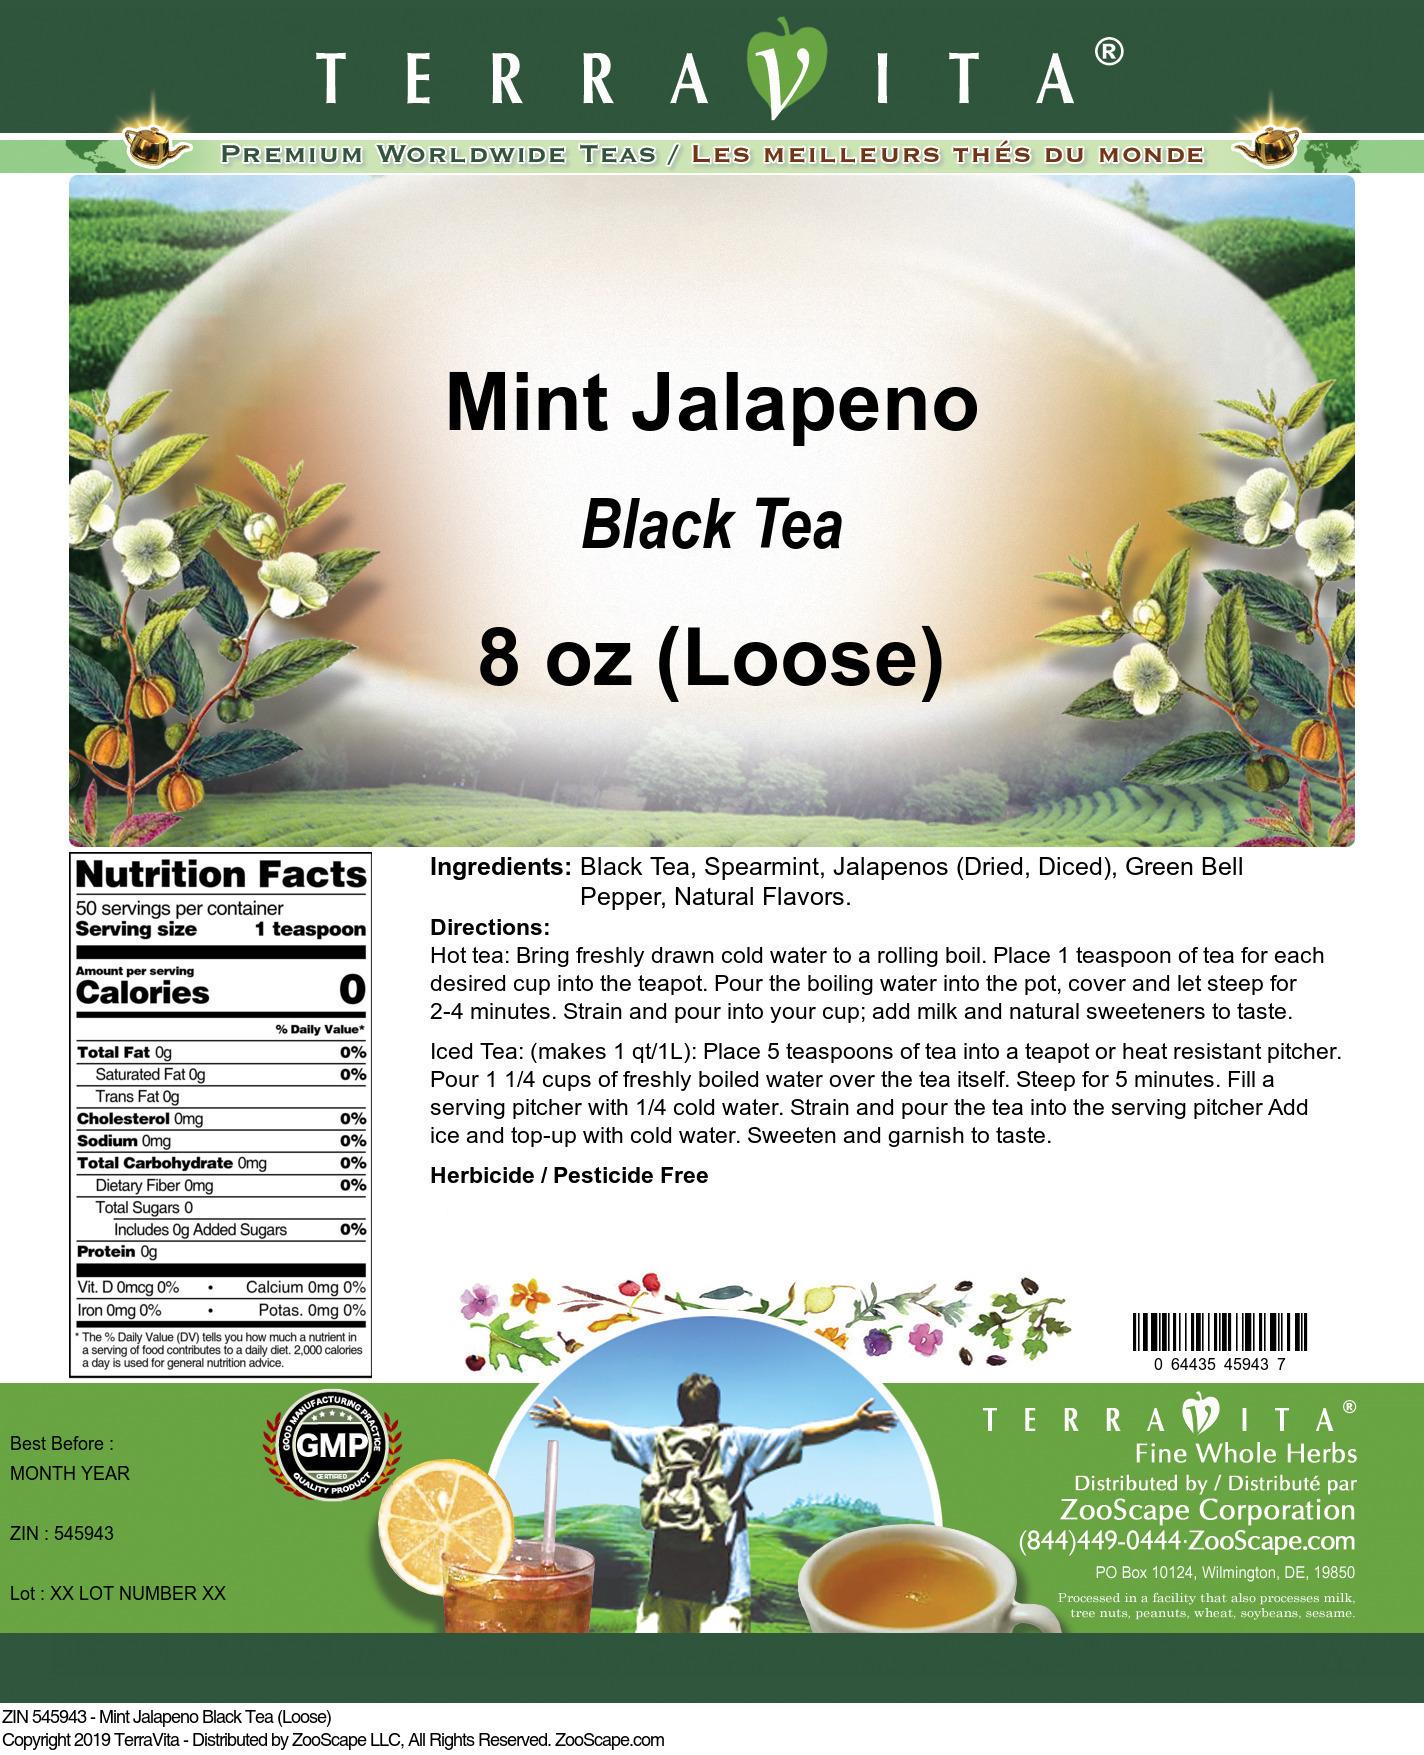 Mint Jalapeno Black Tea